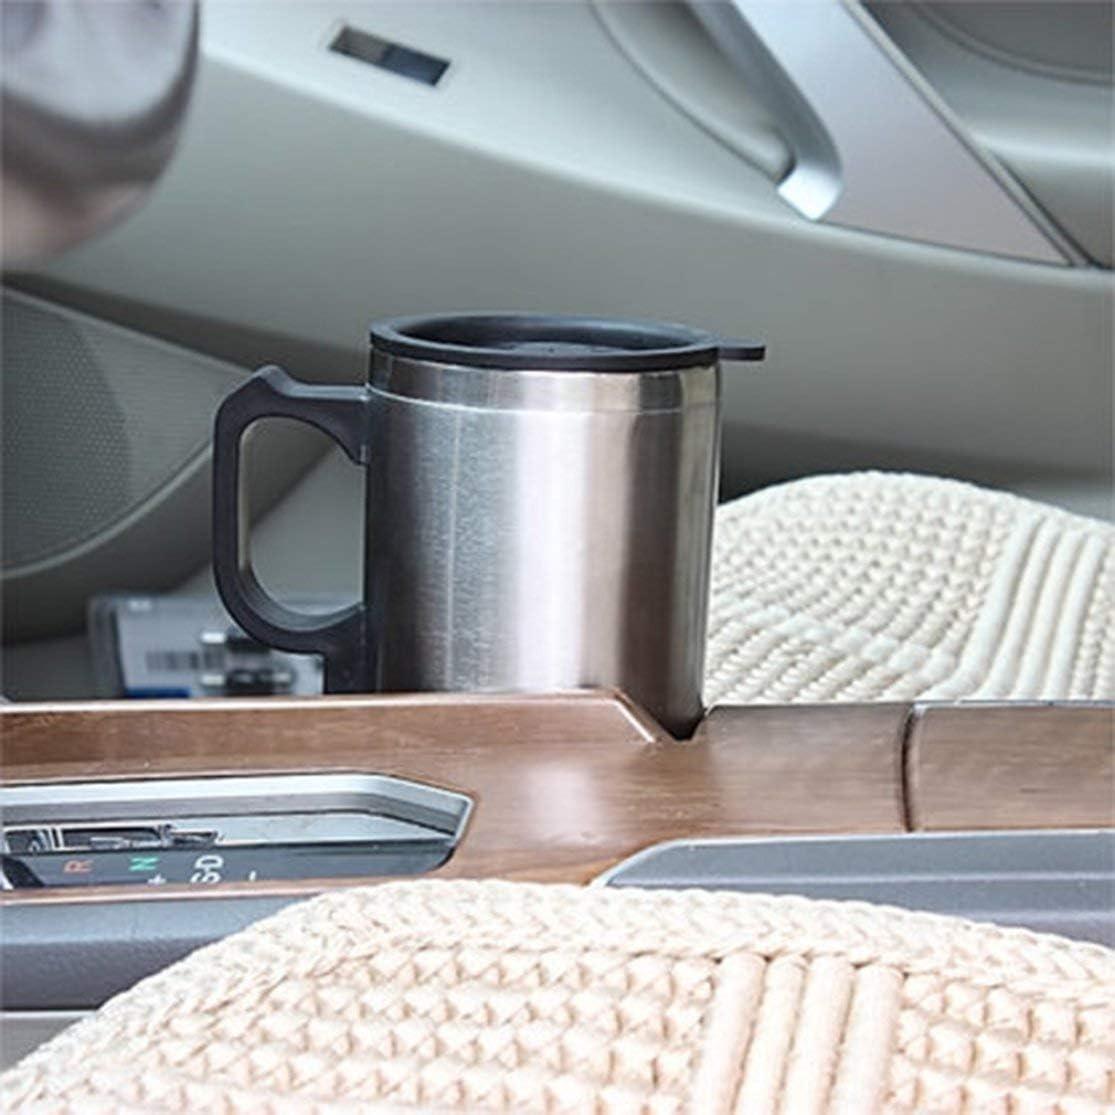 LouiseEvel215 Voiture Chauffage Tasse Auto 12v Tasse de Chauffage Bouilloire /Électrique Voitures Thermique Tasses Chauffe Eau Bouillie Bottel Accessoires Auto 500 ML C/âble